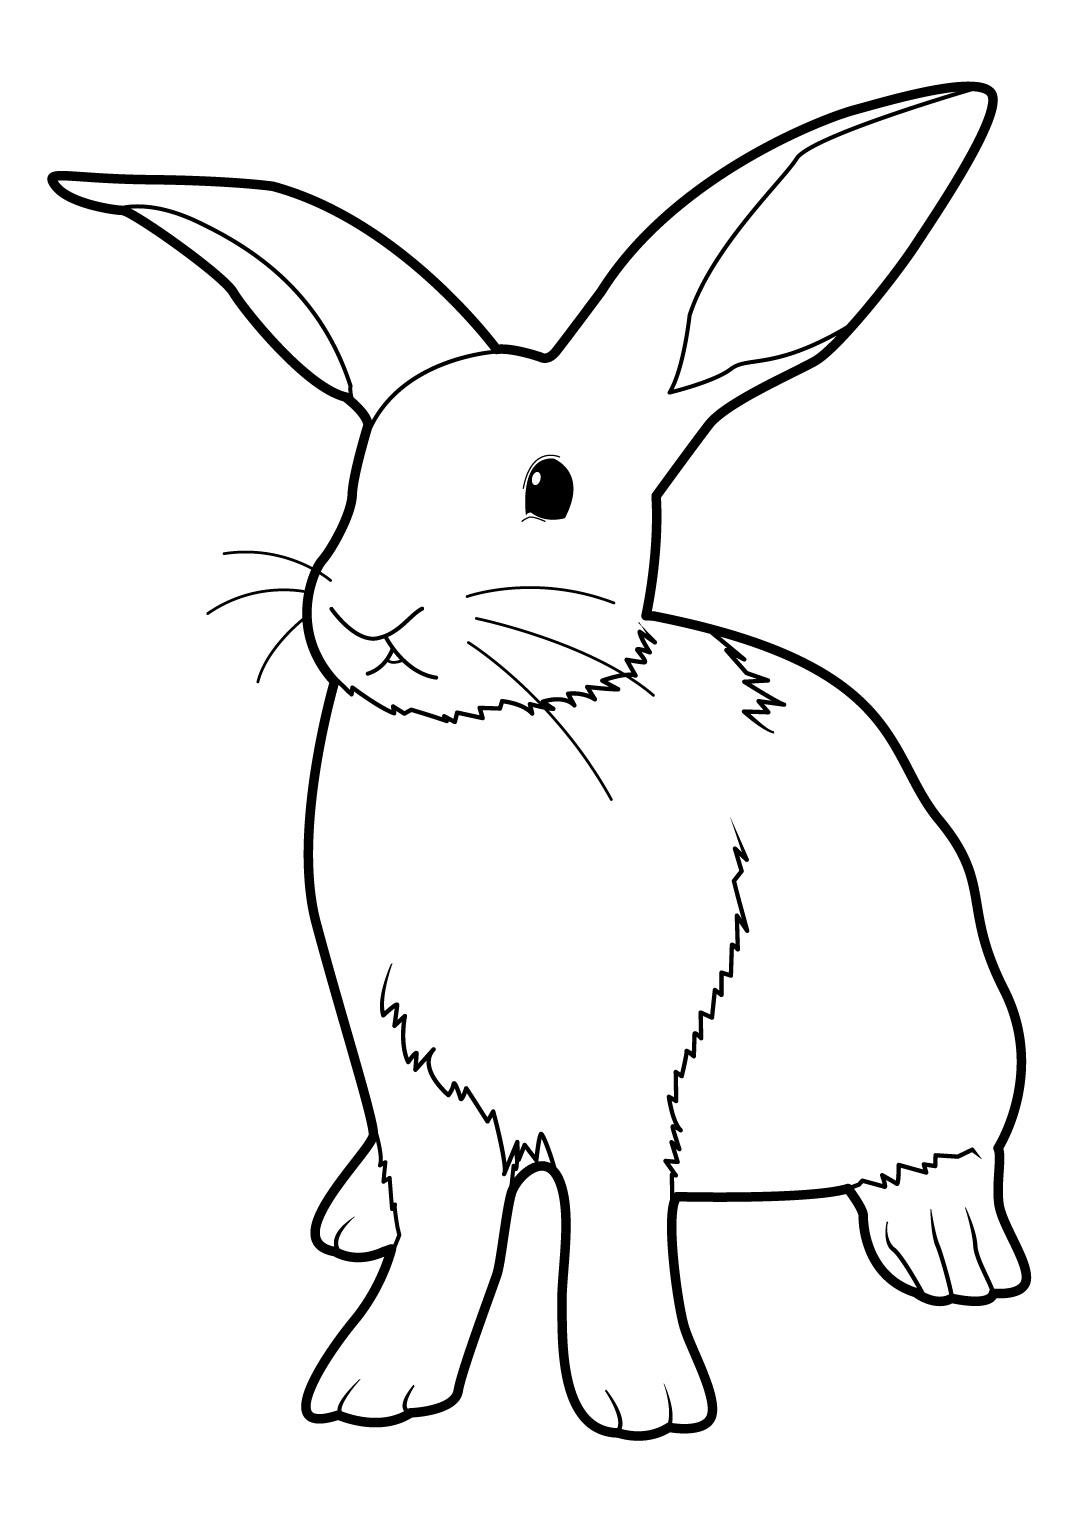 coloriage a imprimer lapin et chat